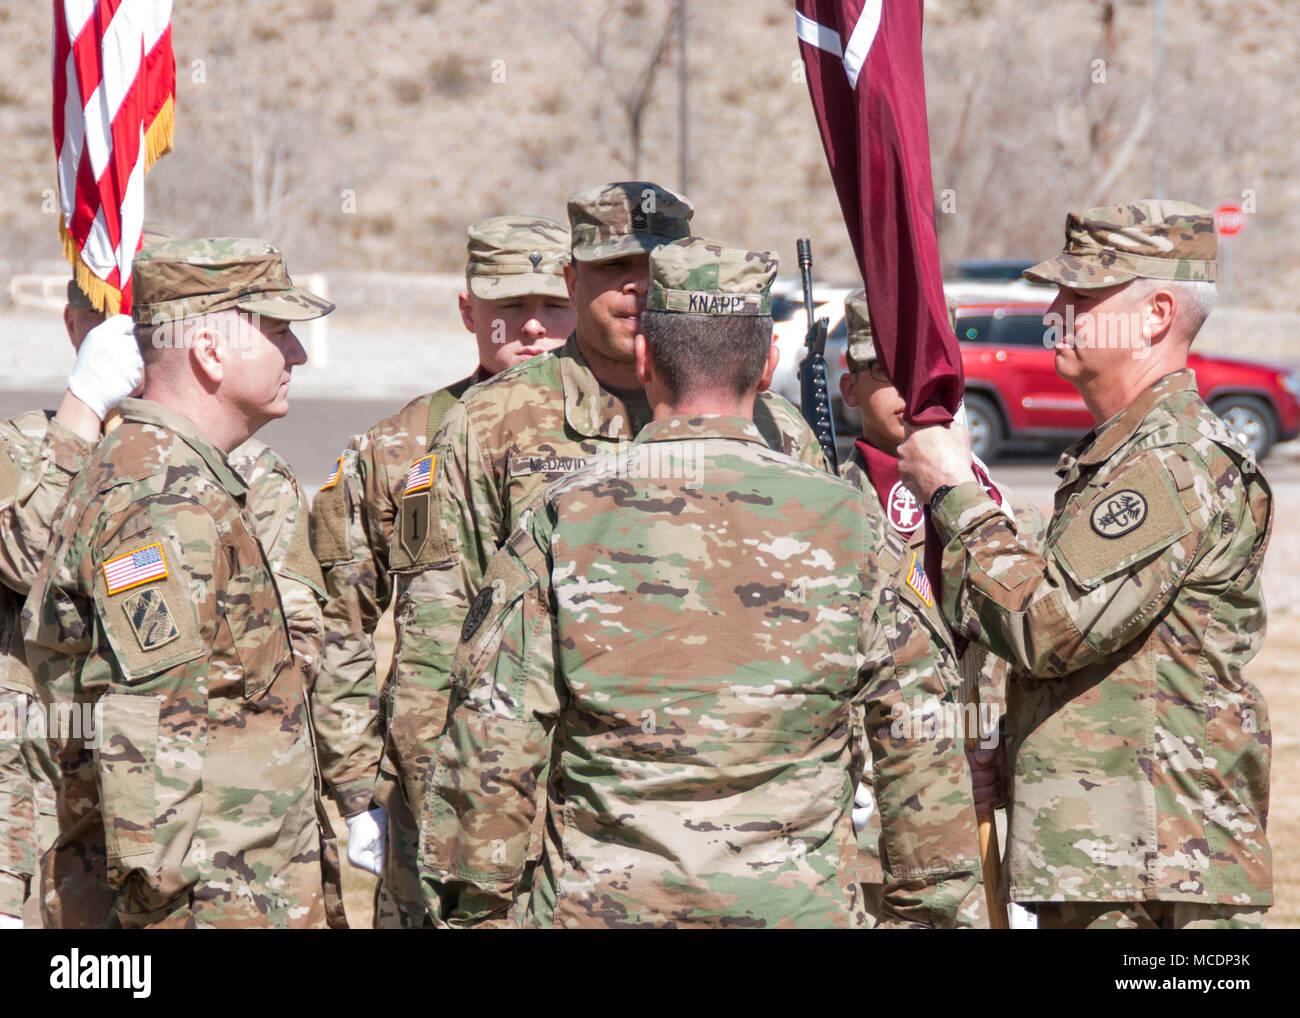 (Von links) den Befehl Sgt. Maj. William Vernon, eingehende command Sergeant Major, Truppe den Befehl, William Beaumont Army Medical Center, und Oberstleutnant Steven Knapp, Kommandeur der Truppe den Befehl, stehen an Aufmerksamkeit wie Command Sgt. Maj. Michael Fetzer (ganz rechts), ausgehende command Sergeant Major, empfängt das Gerät Farben bei einem Wechsel der Verantwortung Zeremonie, wo Fetzer Verantwortung von Truppe Befehl zu Vernon, verzichtet auf Wbamc, 24.02.13. Stockfoto